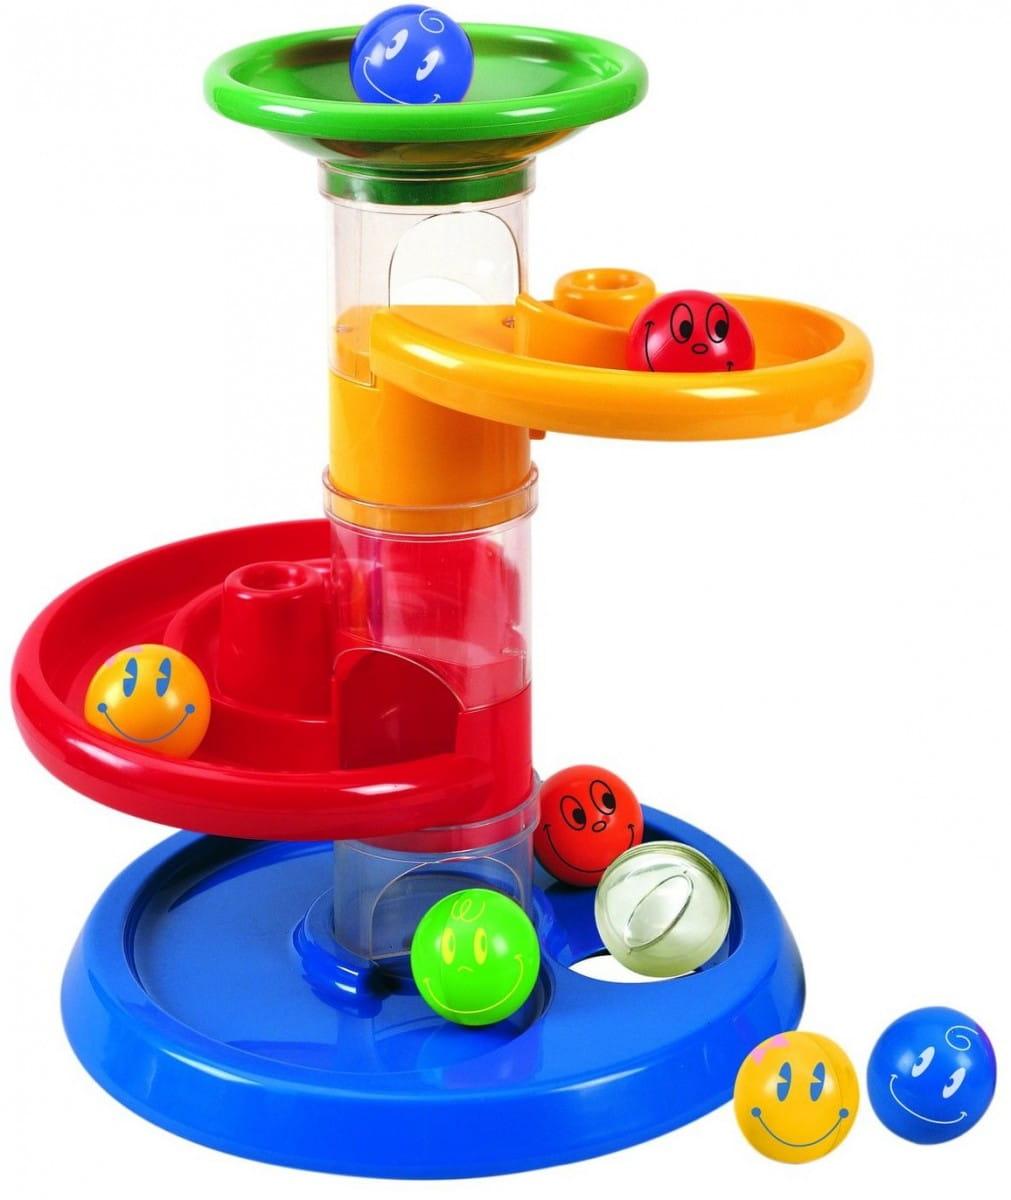 Кинетический конструктор Tototoys 801 Крутые виражи Rollipop (7 деталей, 5 шаров)